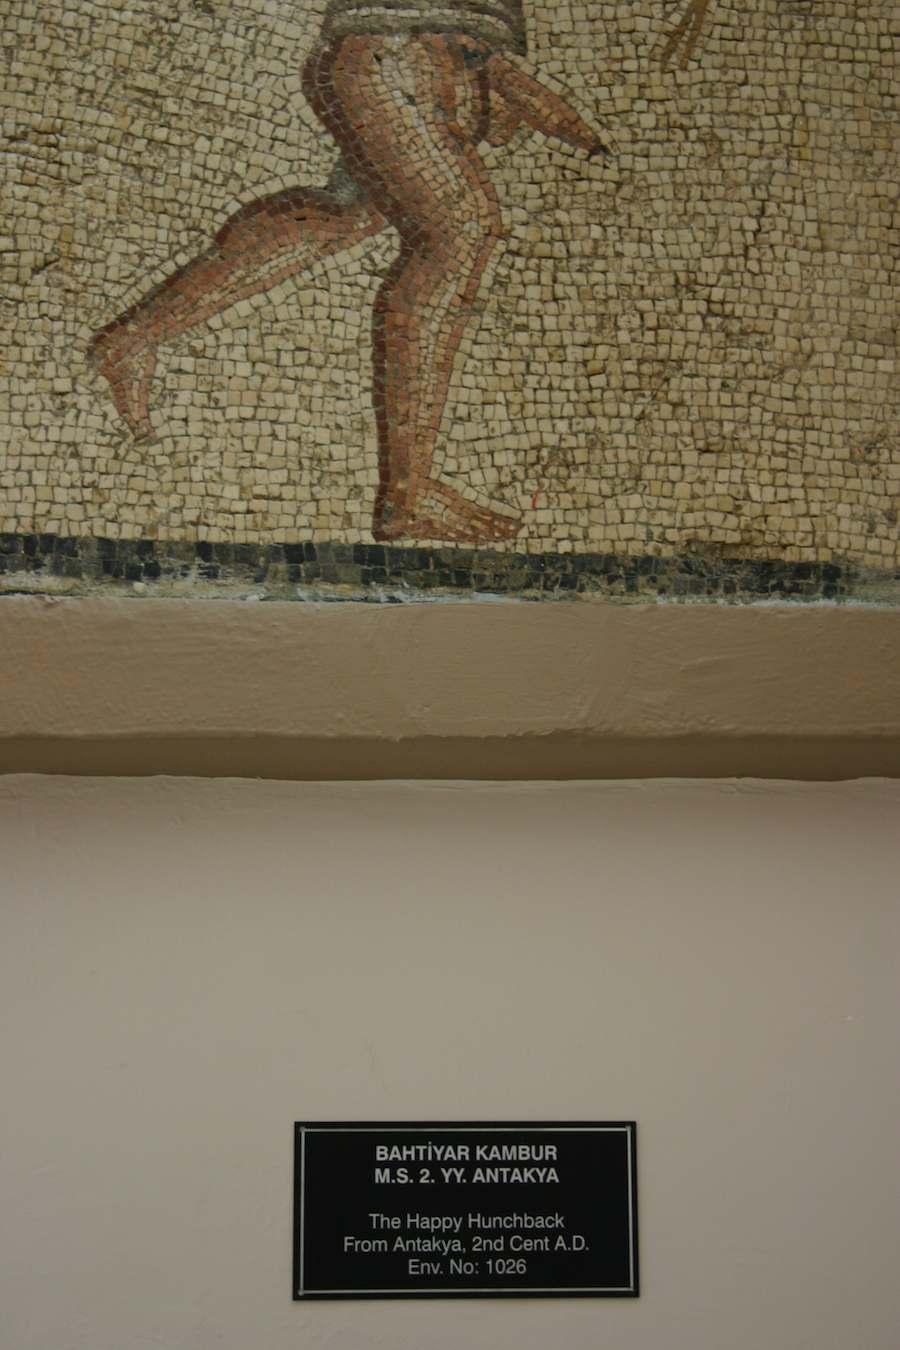 Mann mit Penis, Museum Antakya, Türkei,  Schild mit Beschriftung des Museums